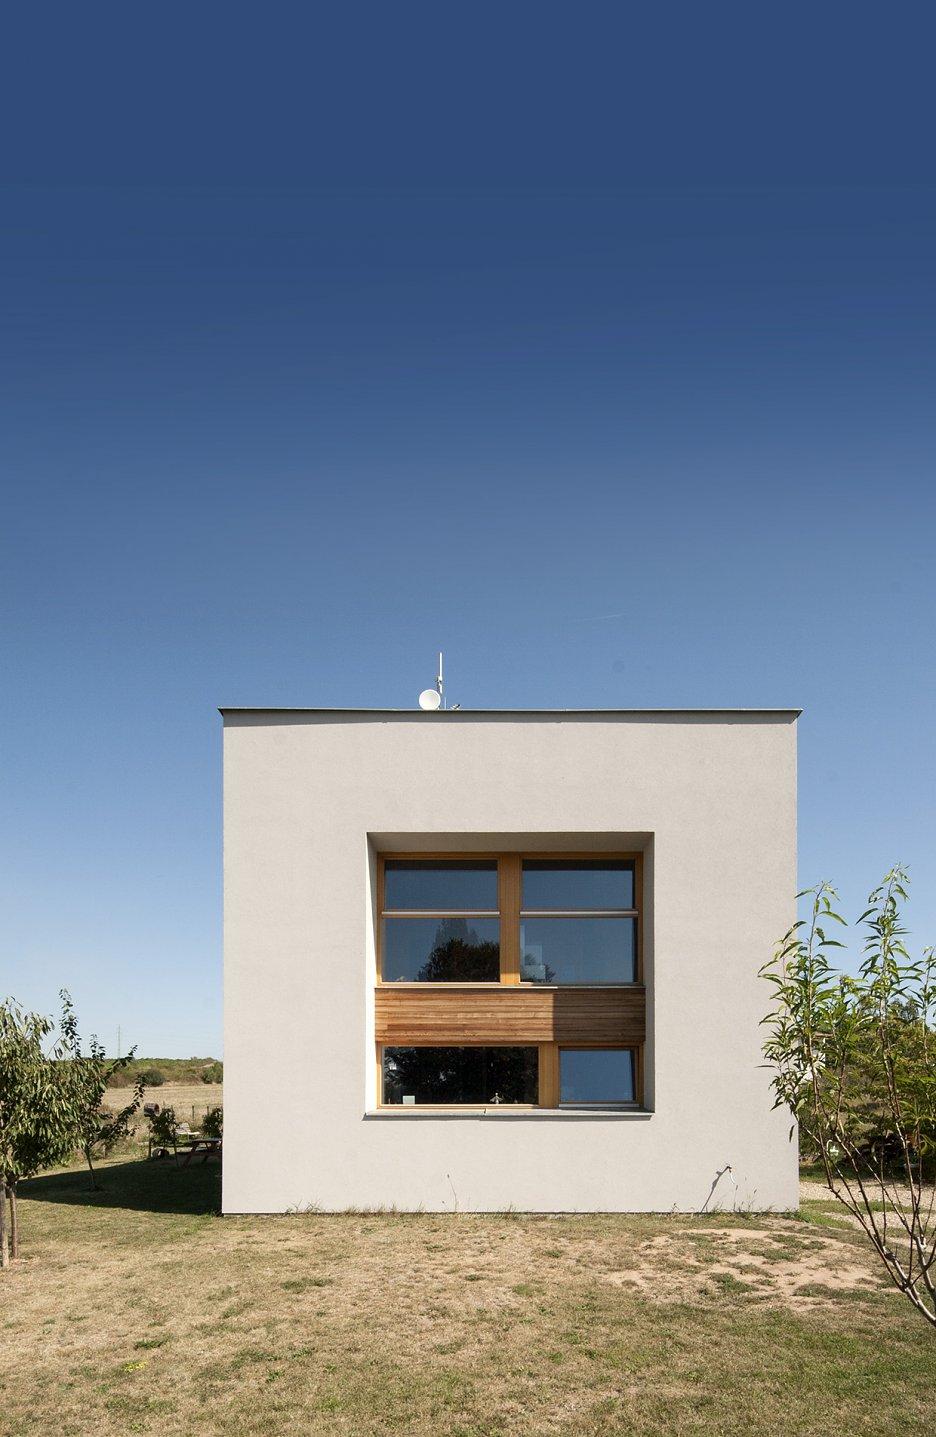 Okná s vyšším parapetom poskytujú výhľad na cestu, súkromie ostáva zachované.